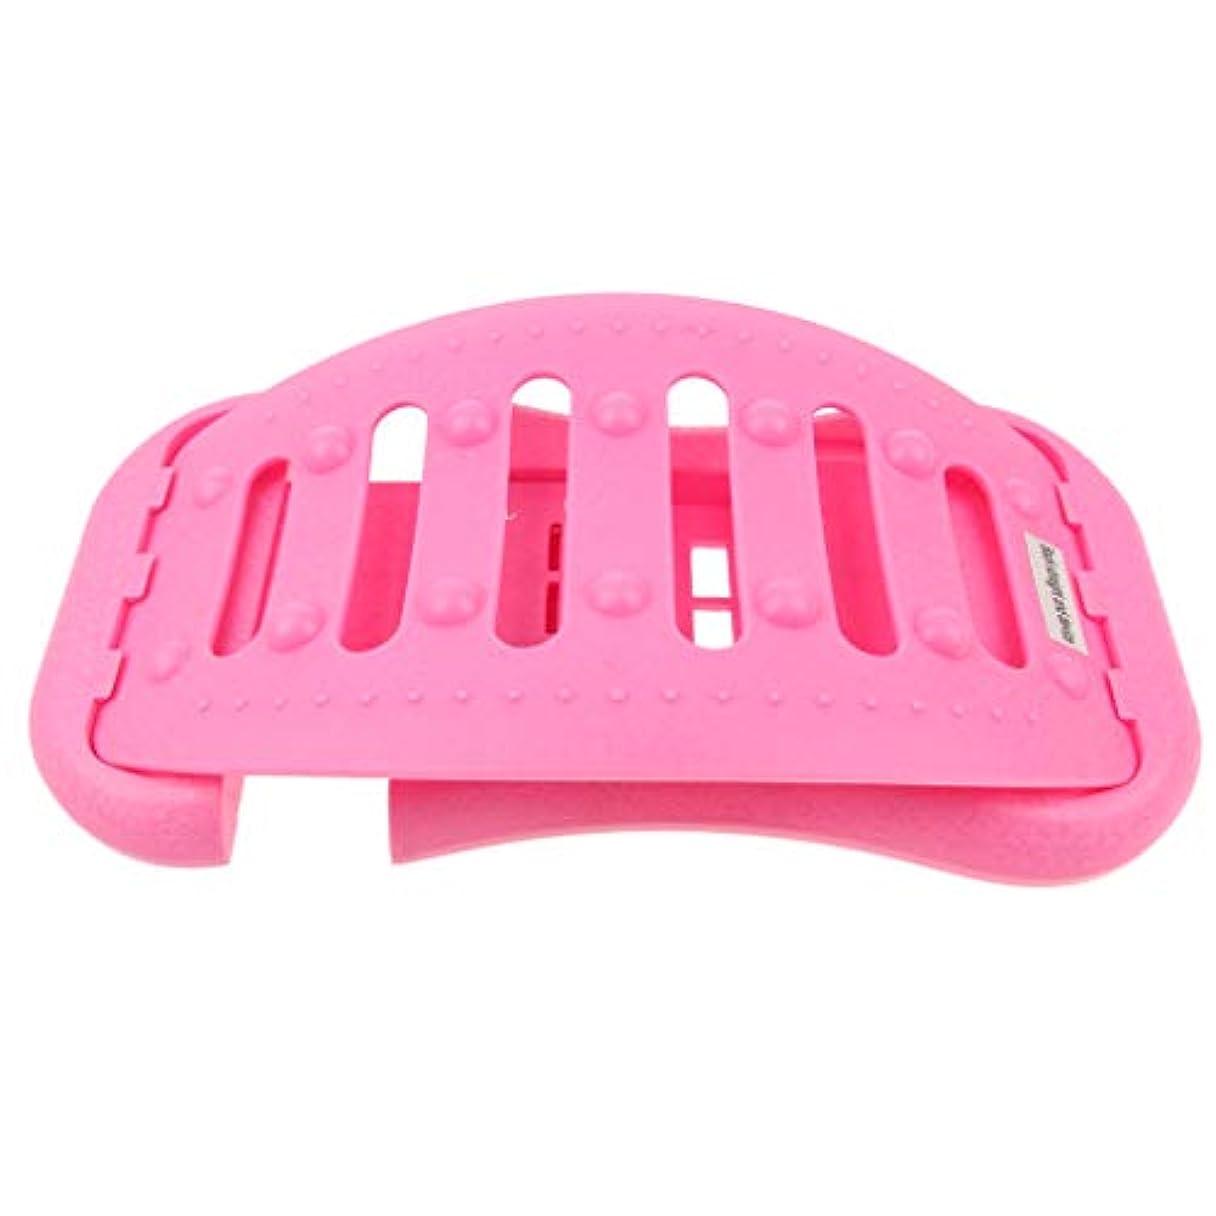 汚す同僚ペナルティ調節可能 バック ストレッチャー 背中 ストレッチャー ストレッチ装置 耐久性ある 全2色 - ピンク